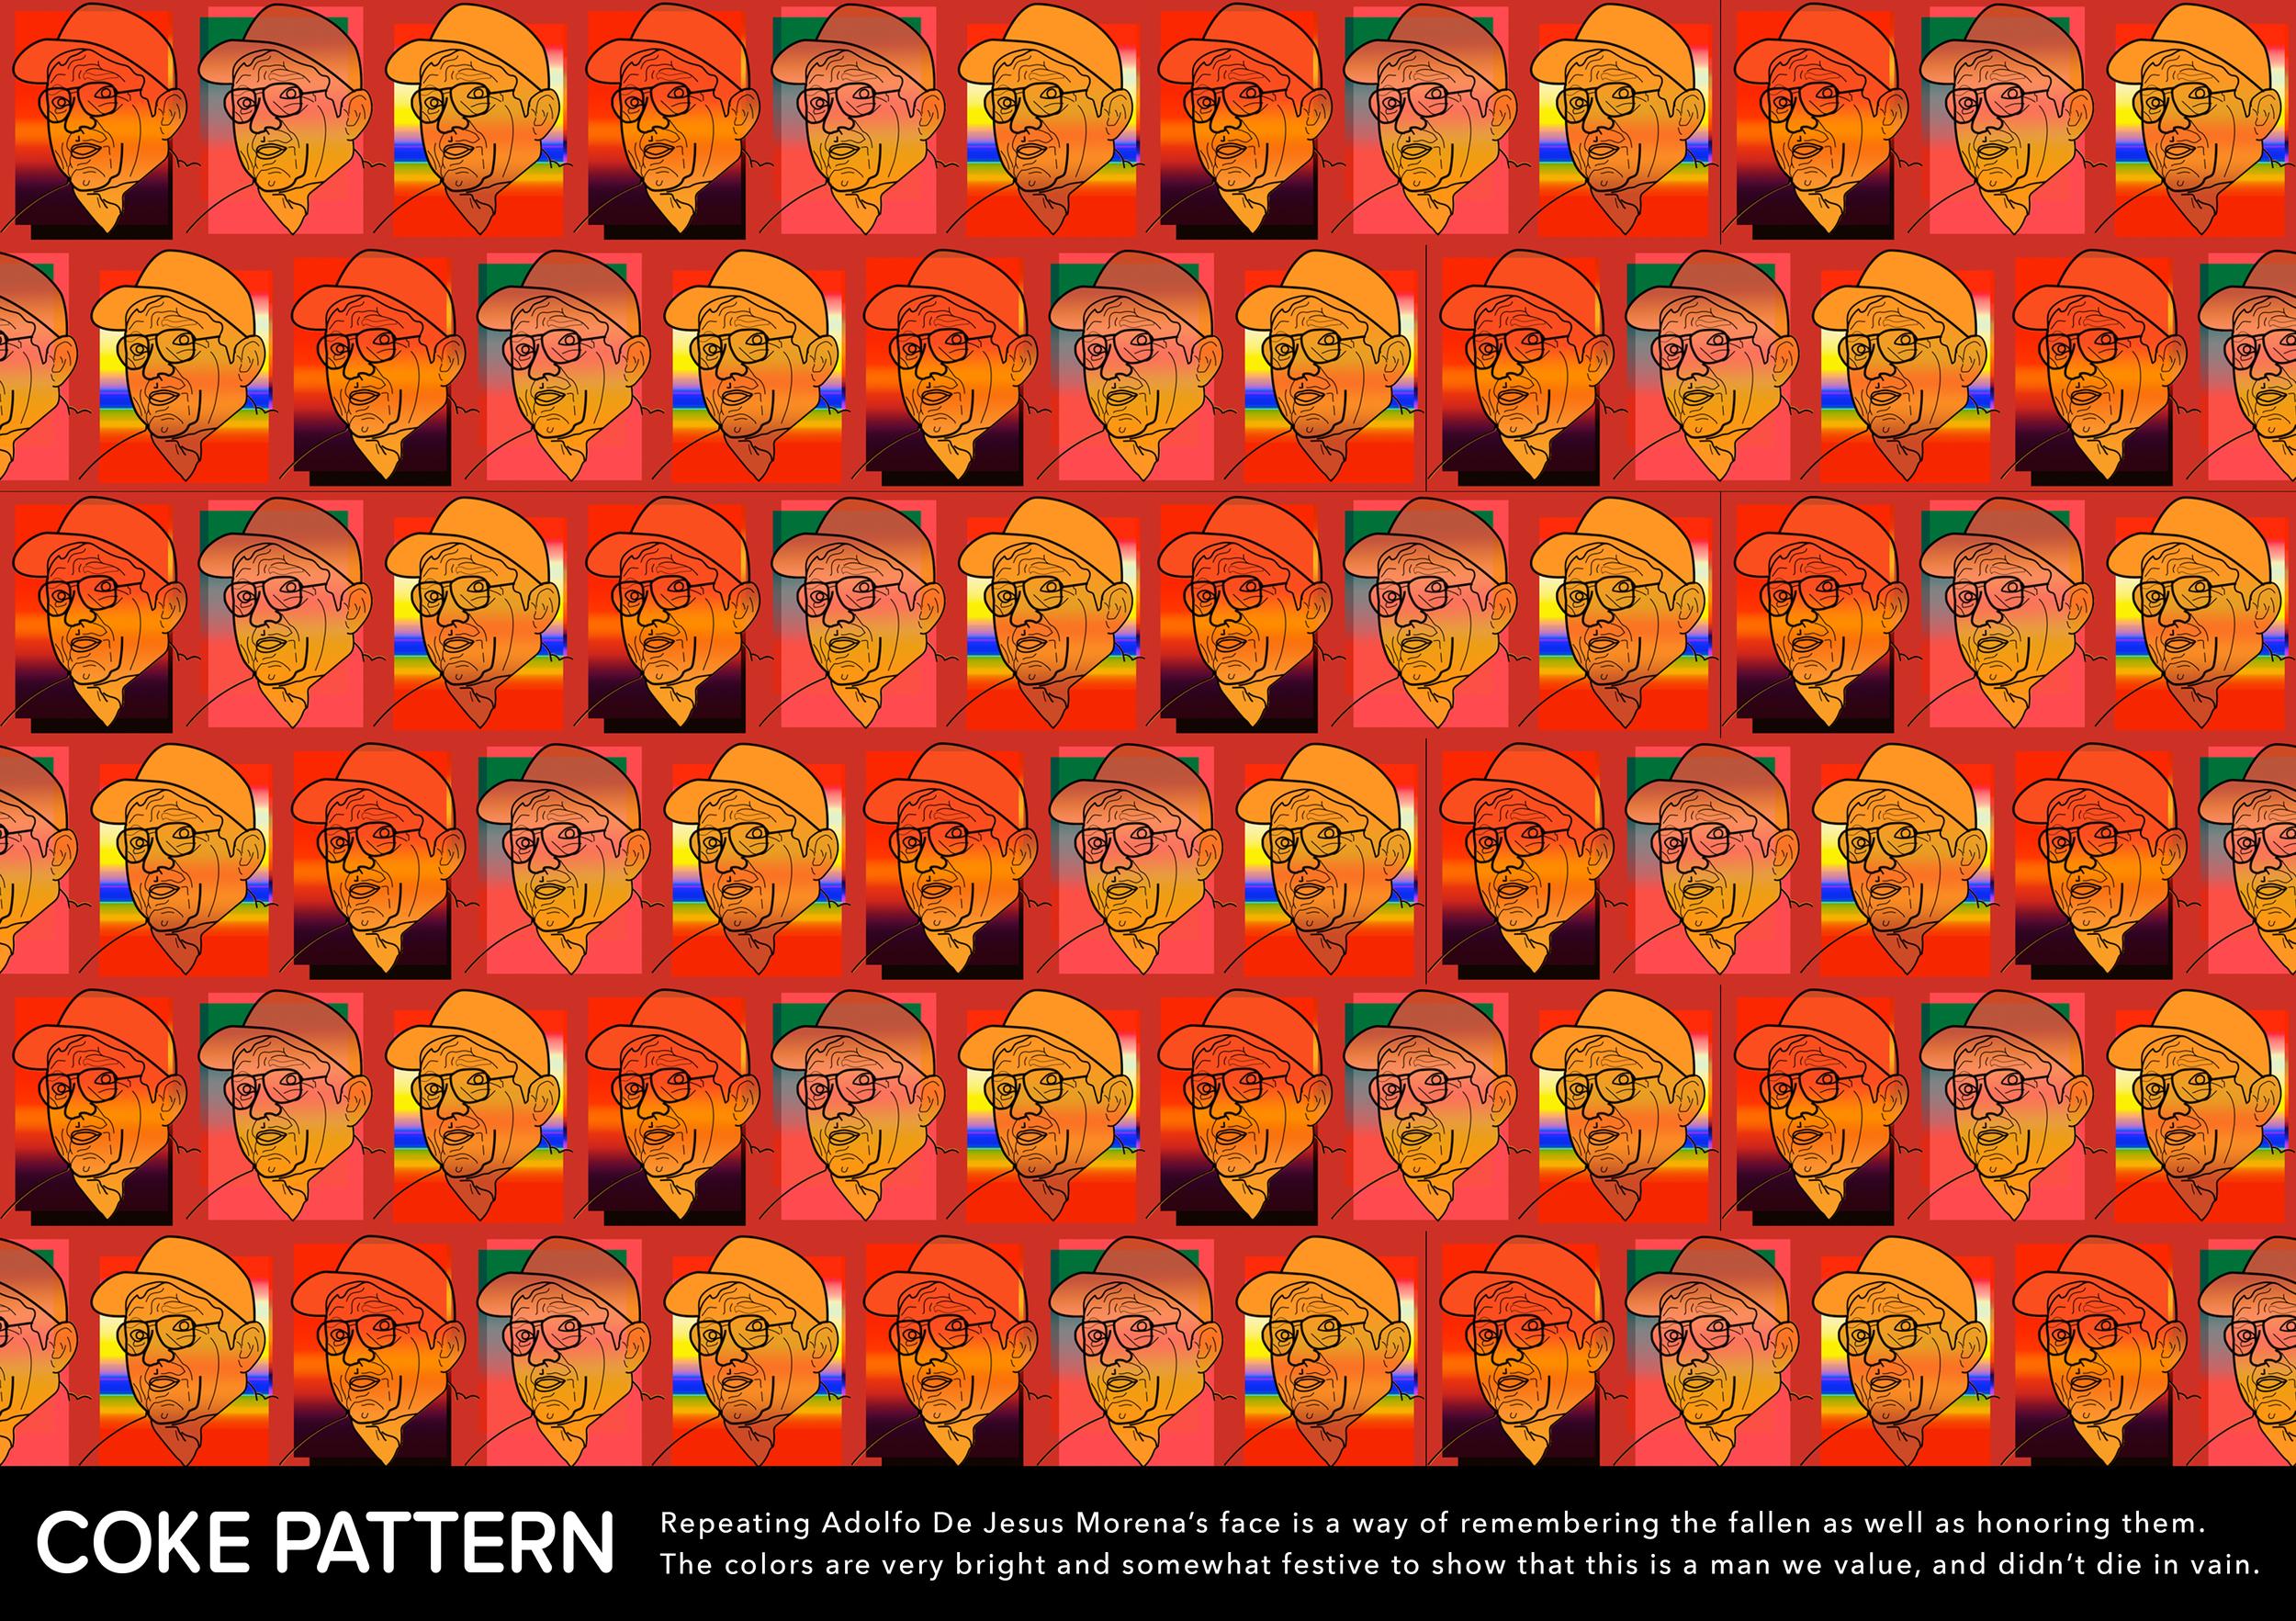 Coke Pattern spread.jpg